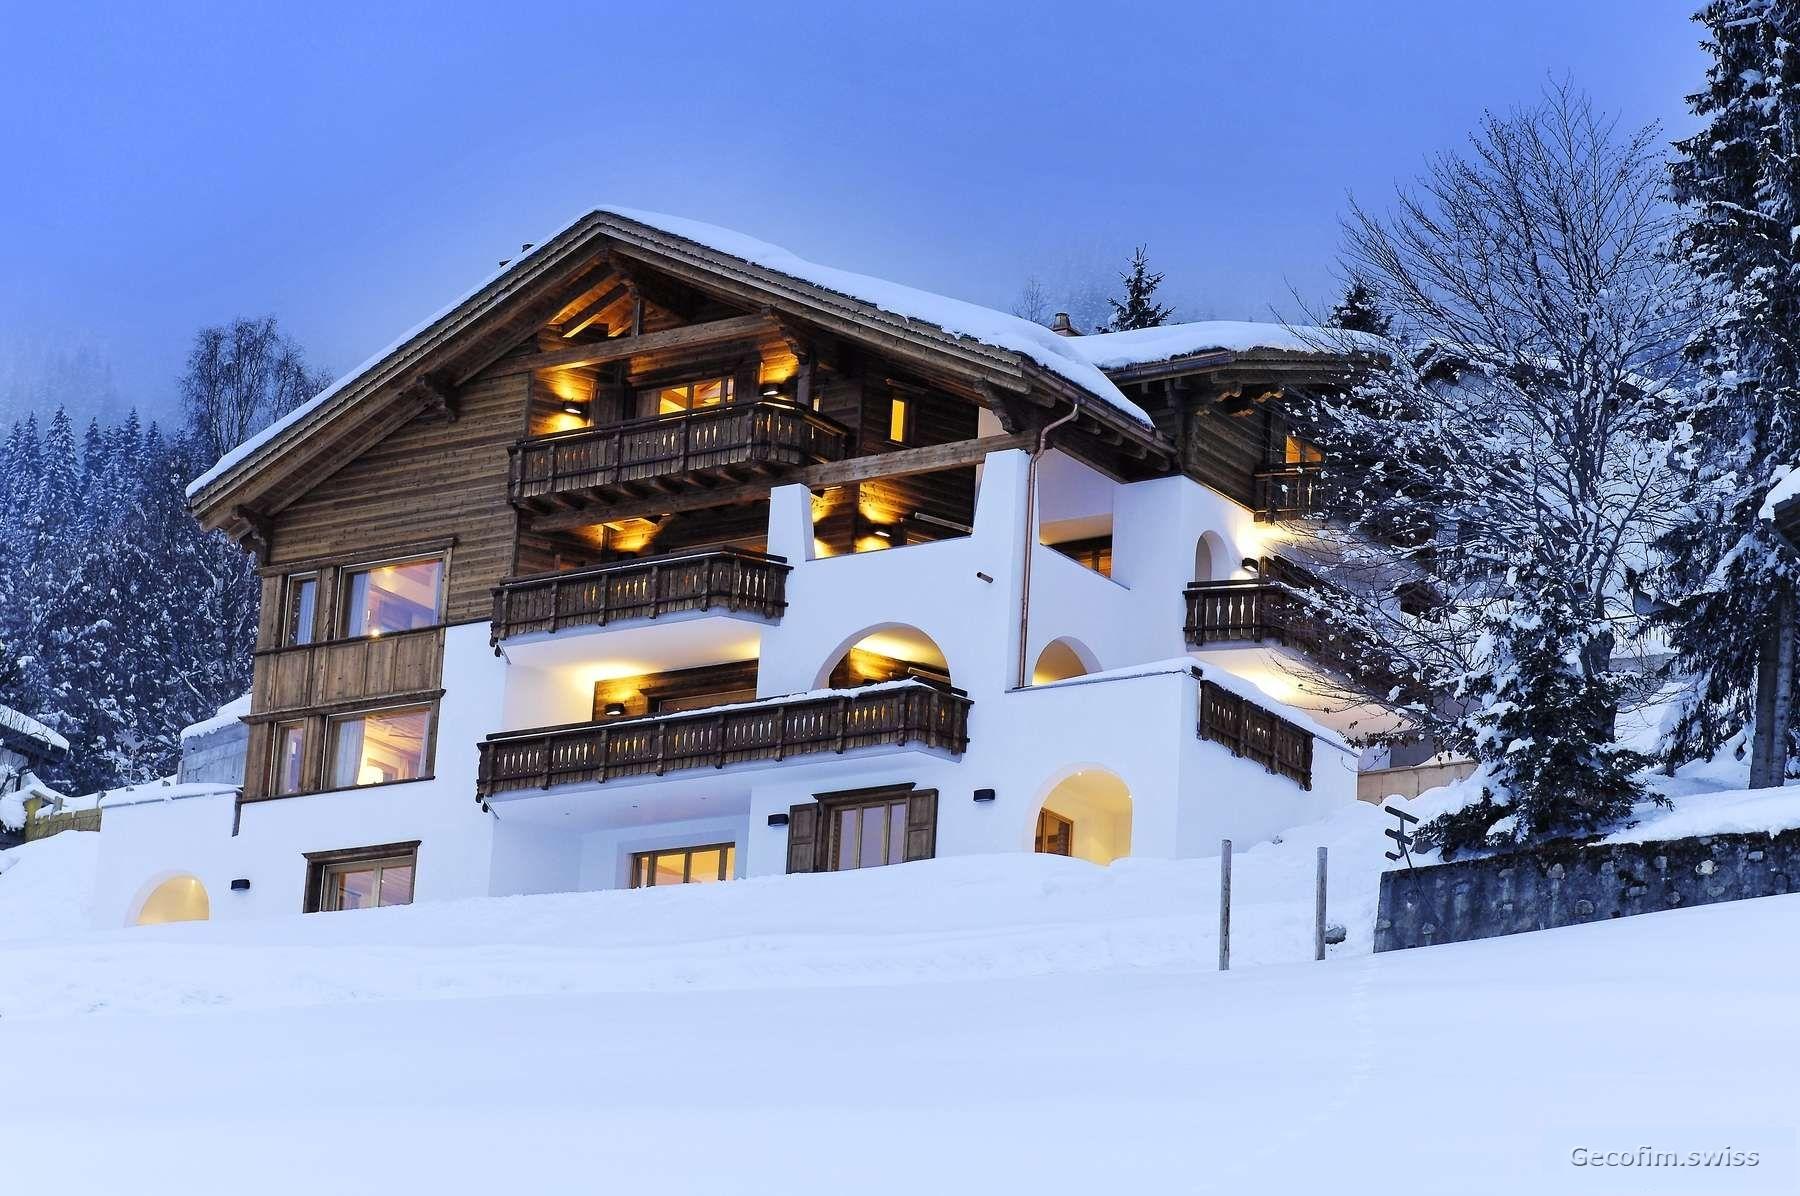 Gestione di immobili in Svizzera